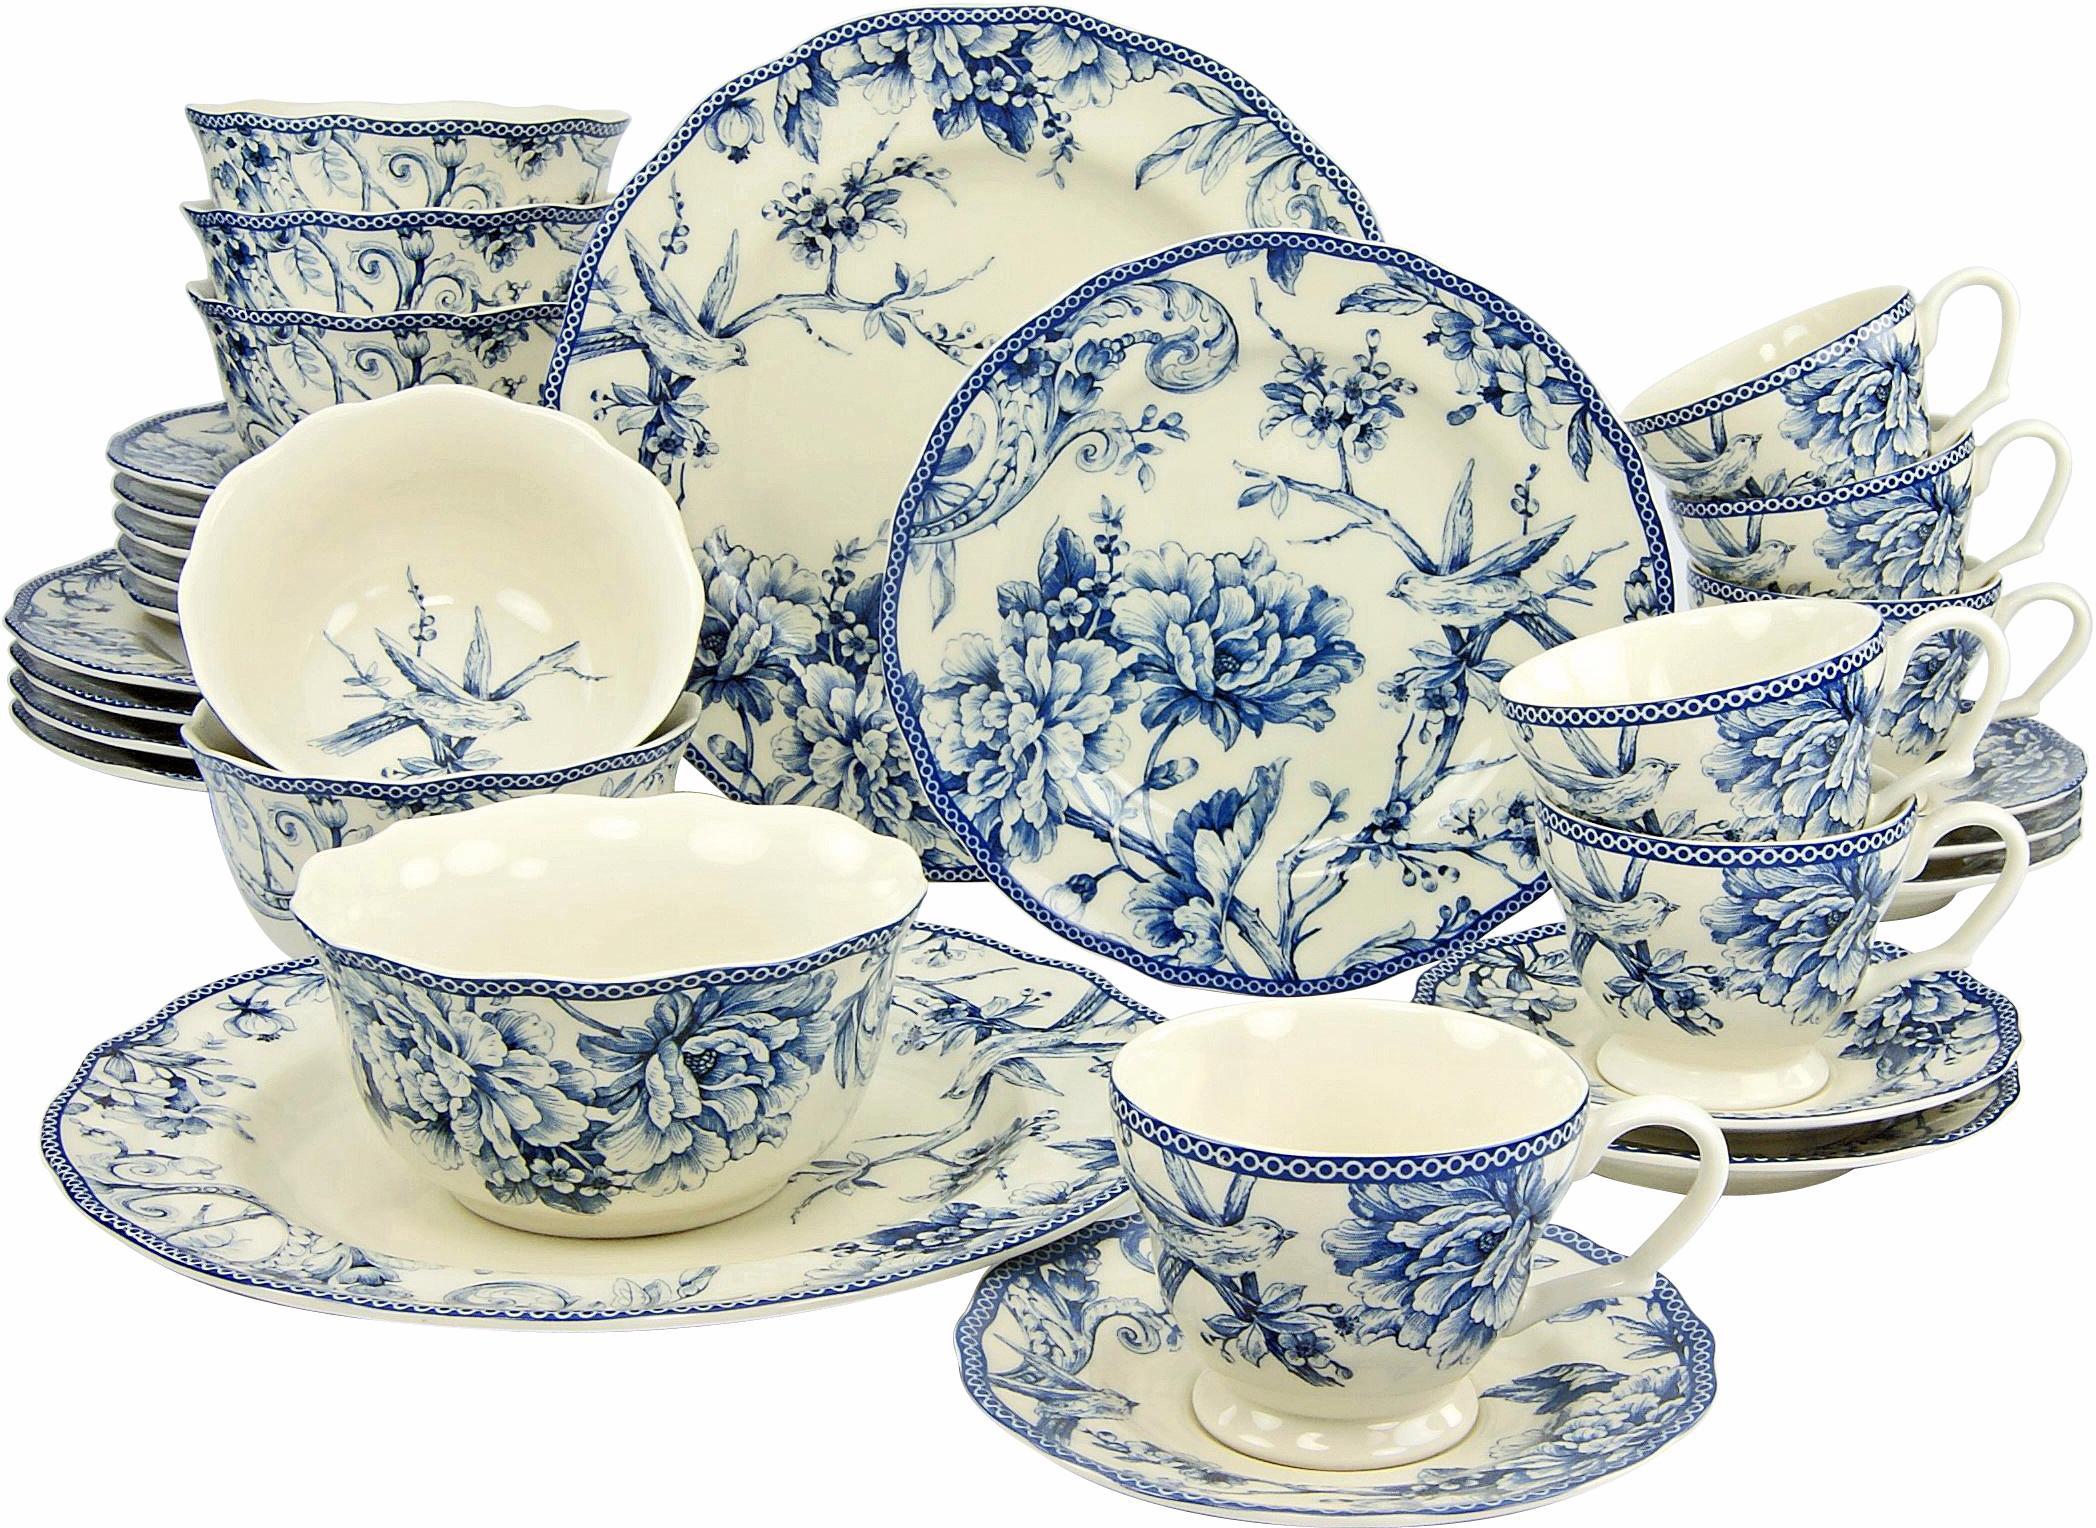 blau-steinzeug Geschirr online kaufen | Möbel-Suchmaschine ...